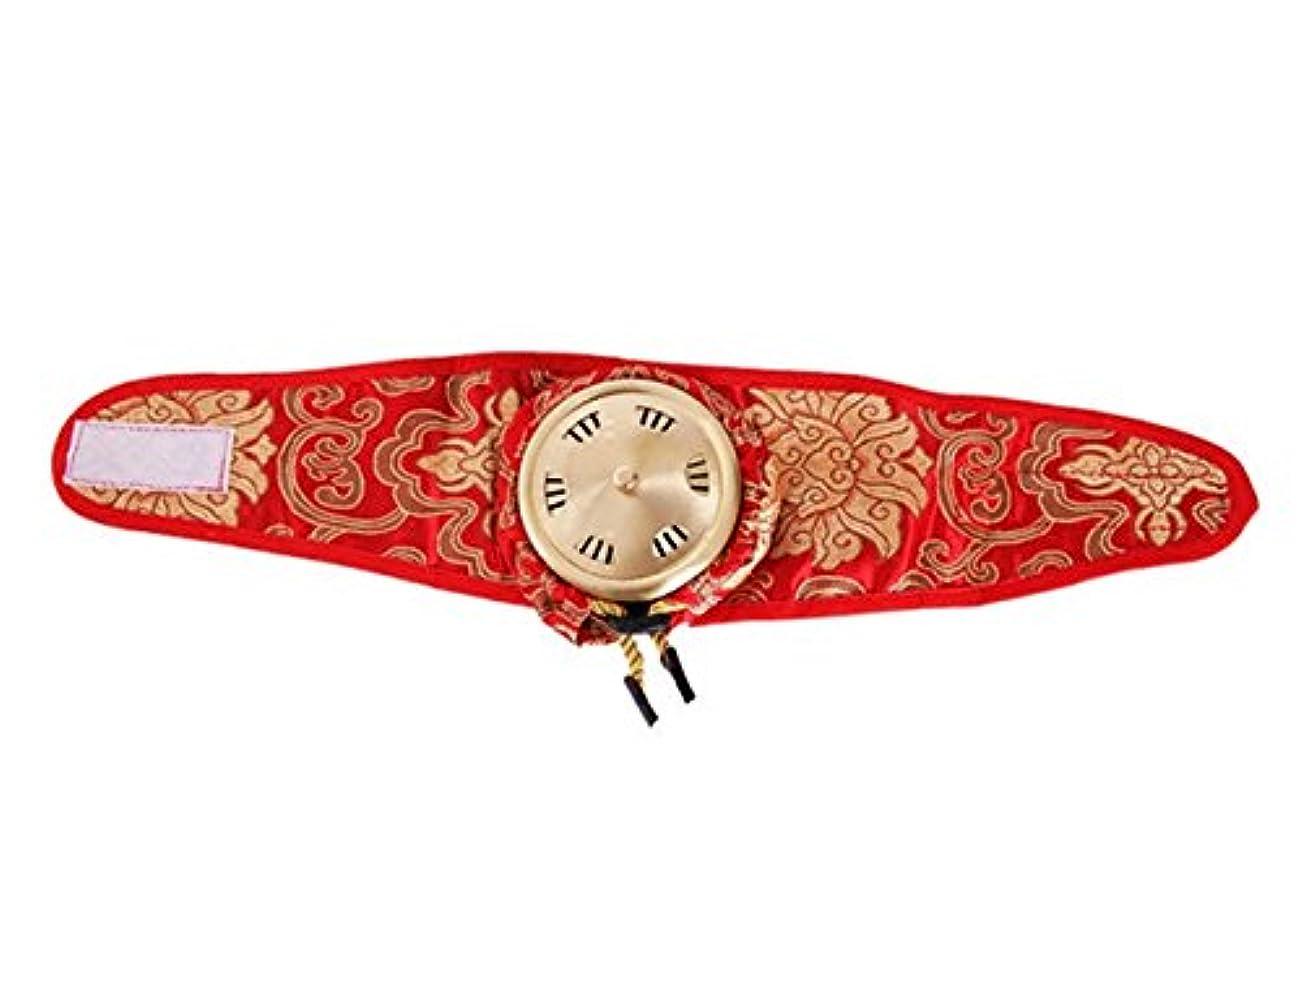 ポータブルシングルリンク純粋な銅サテン布灸マッサージボックス Elitzia ET01